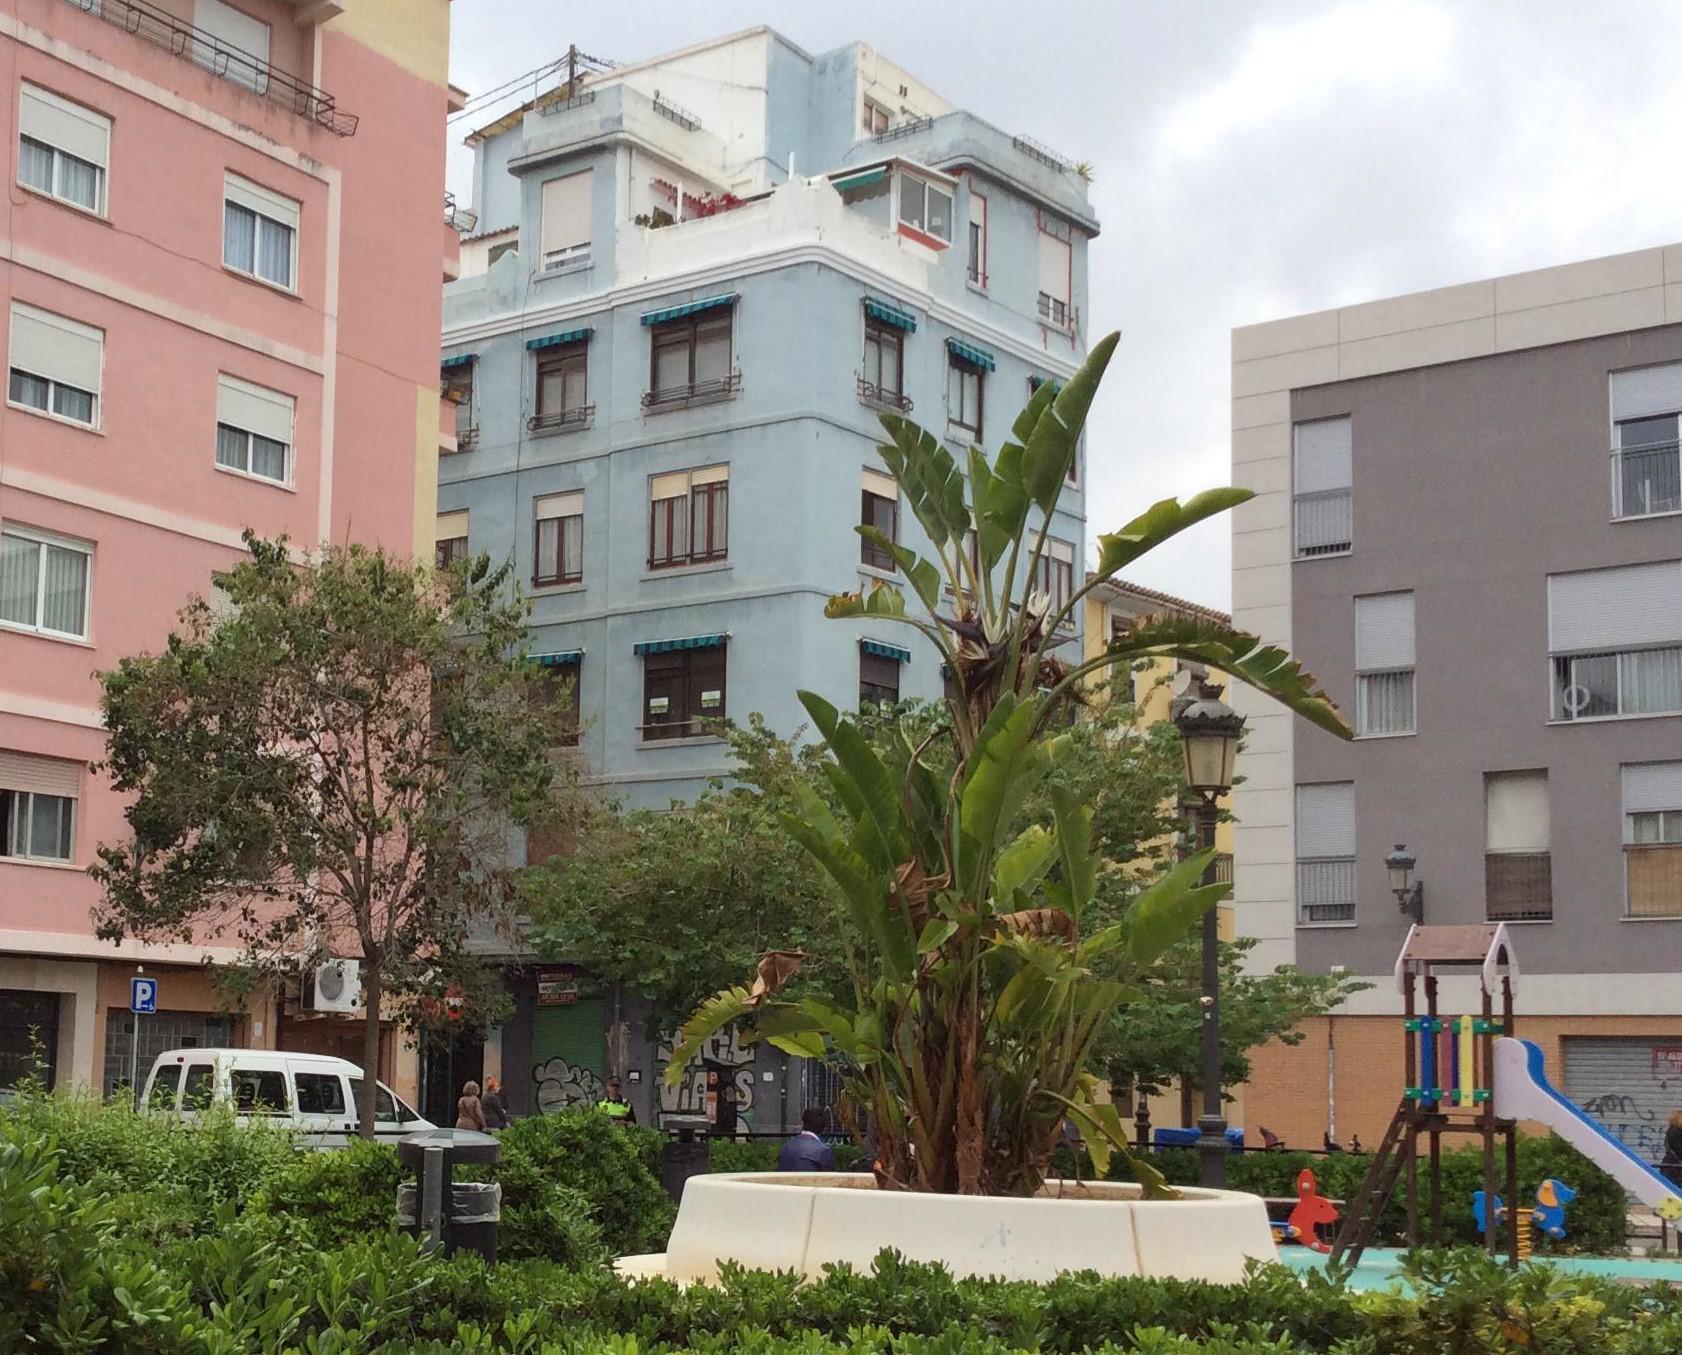 158898 - Junto a Guillen Sorolla Esq. Torno Hospital